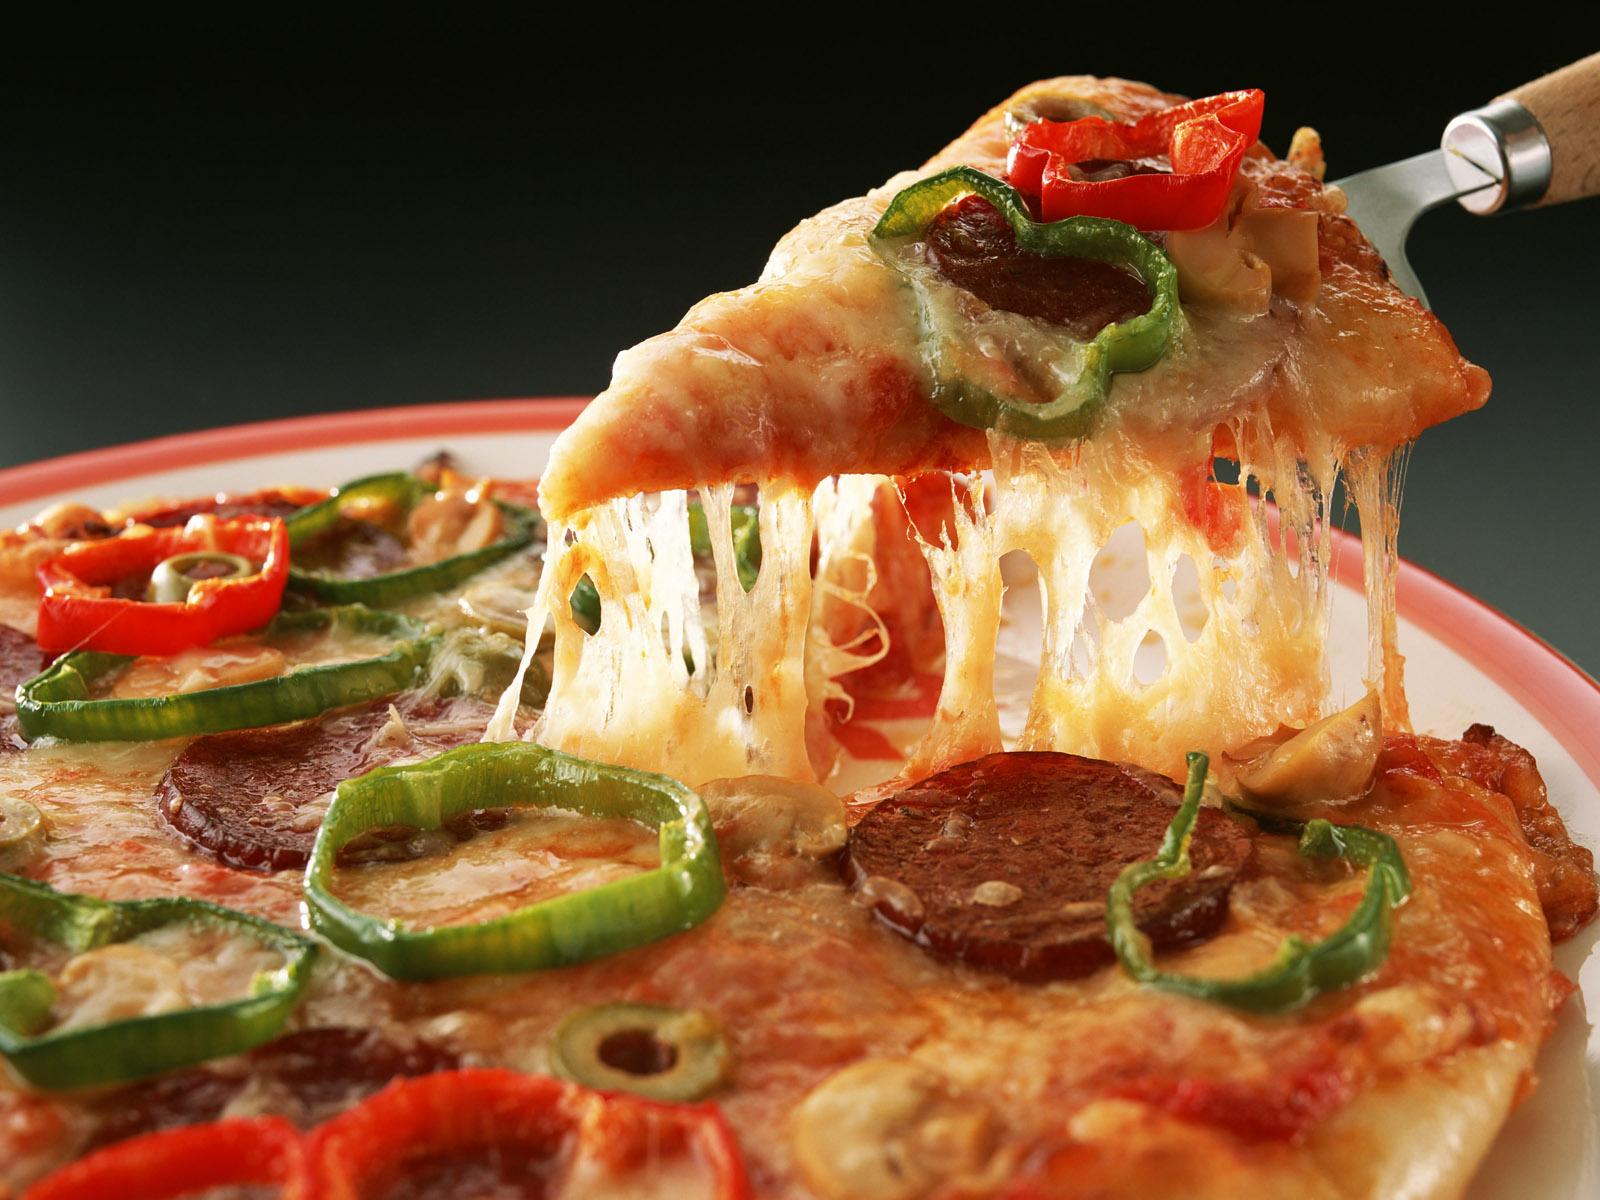 http://3.bp.blogspot.com/-D_KV54WjtQQ/TfI8gOdGl2I/AAAAAAAABG8/pVpb7S__8U0/s1600/super-pizza-online-gul-1606135535.jpg